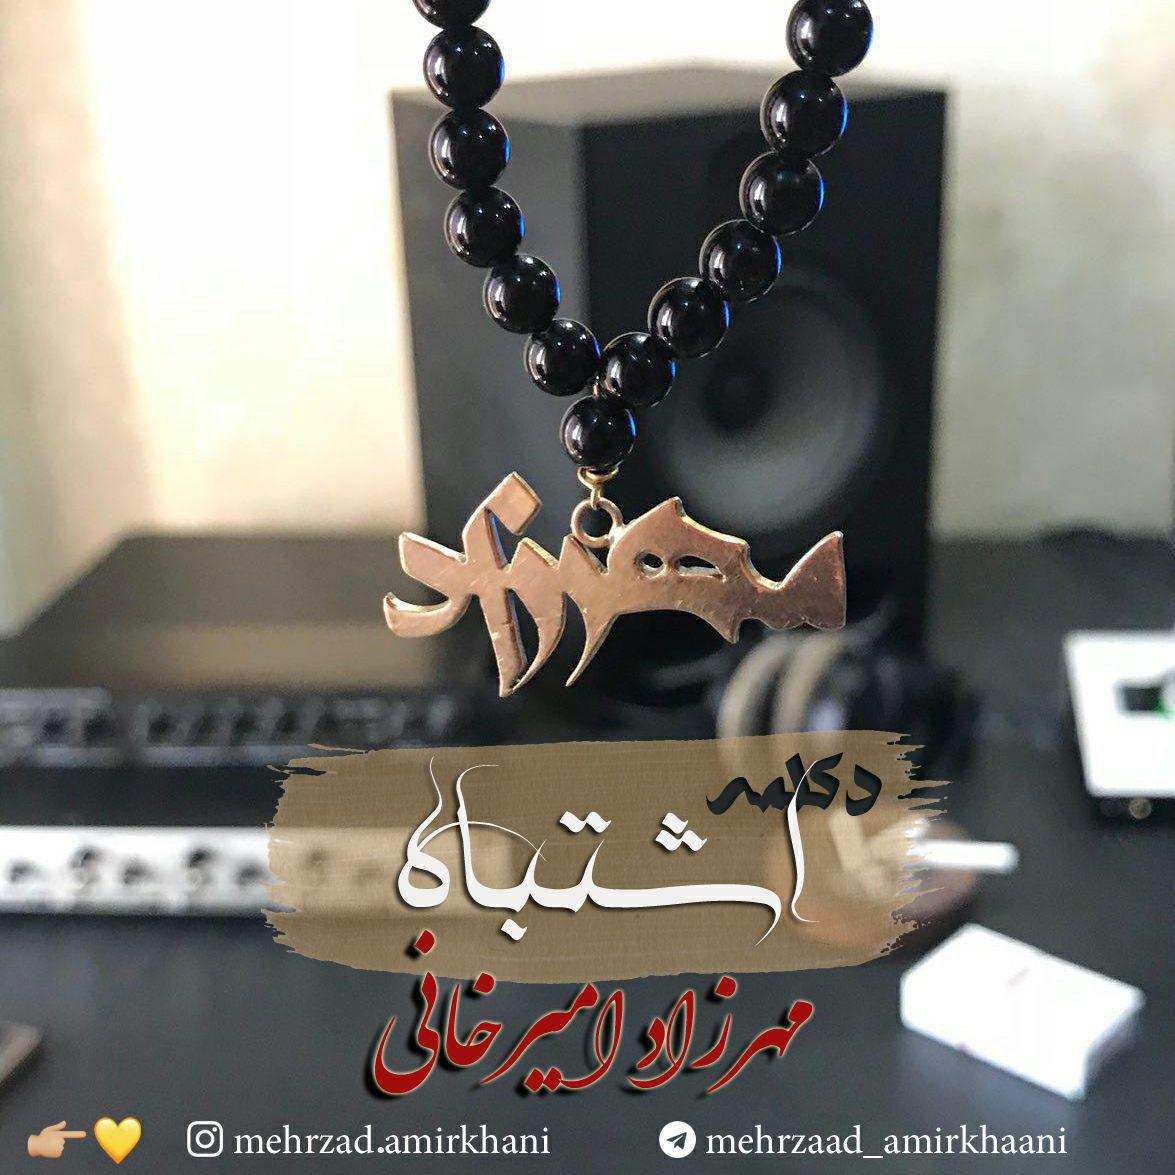 Mehrzad Amirkhani – Eshtebah (Deklameh)